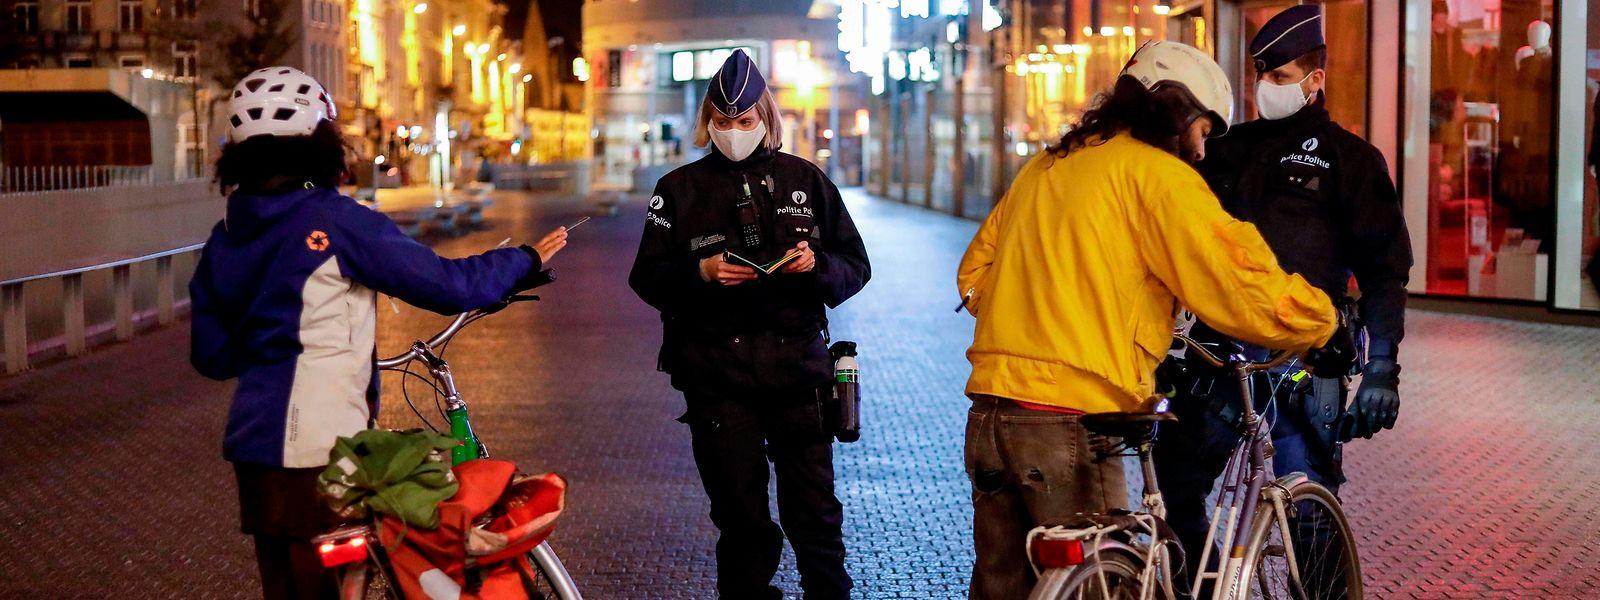 Polizisten kontrollieren die nächtliche Sperrstunde in Brüssel.